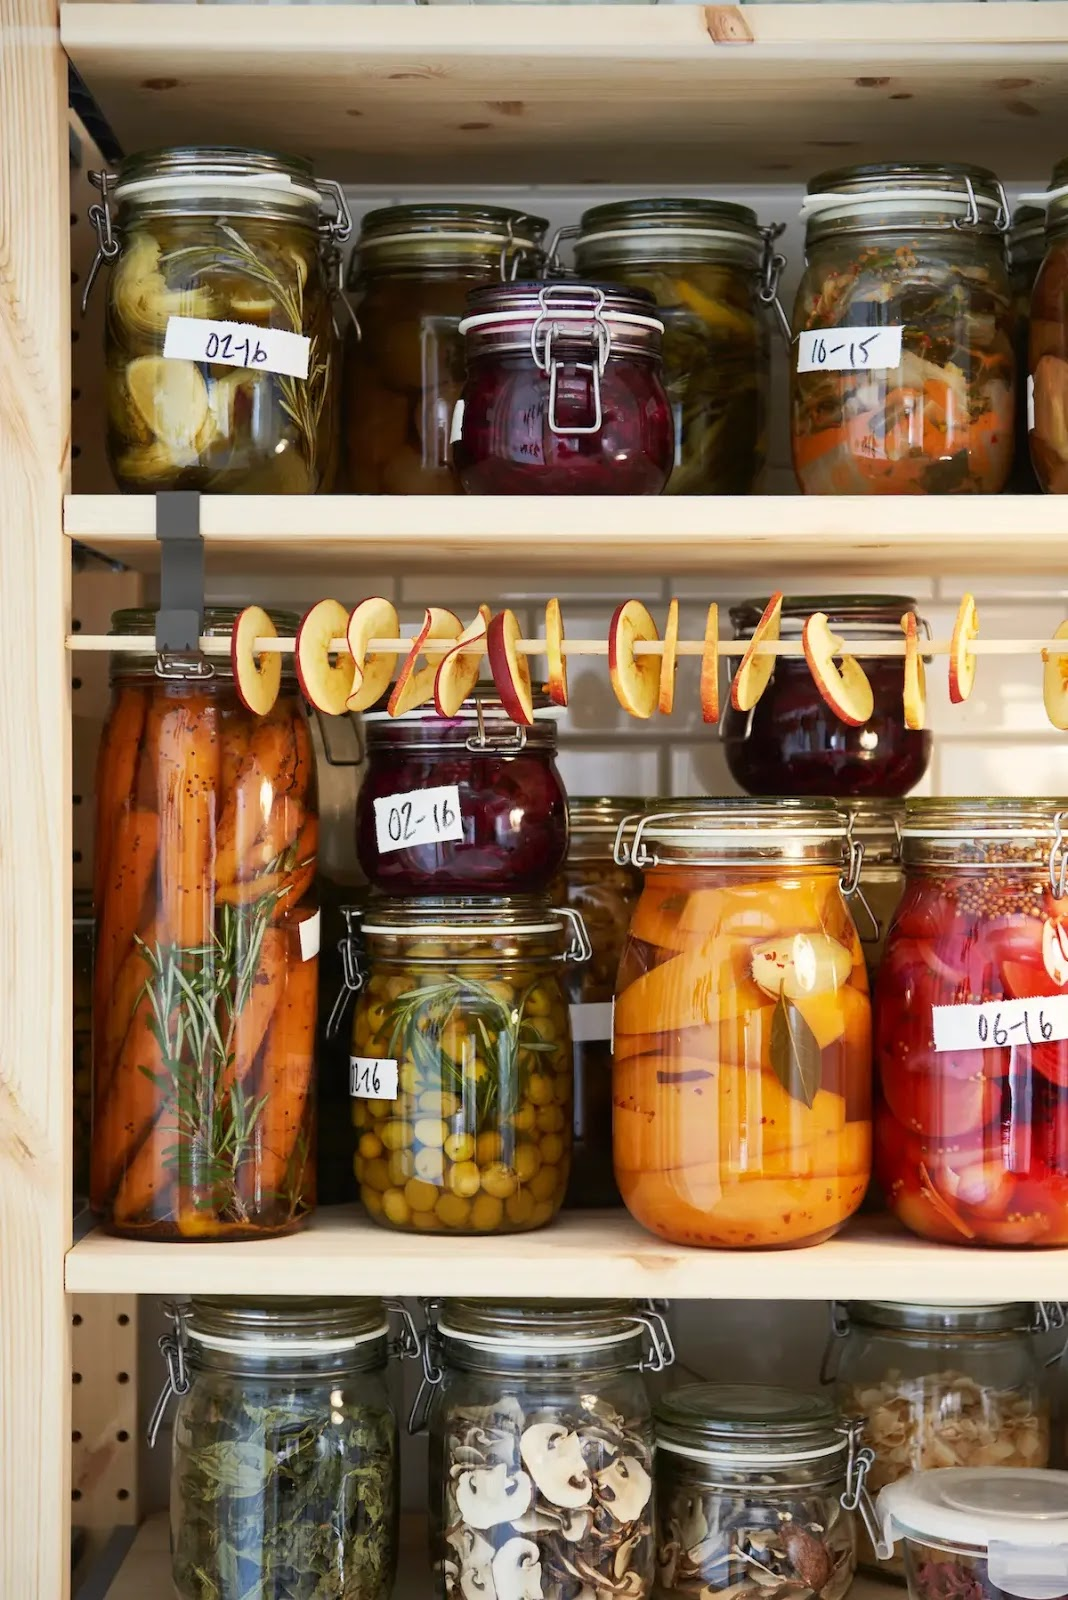 Reciclaje de botes de vidrio en la despensa, con etiquetas